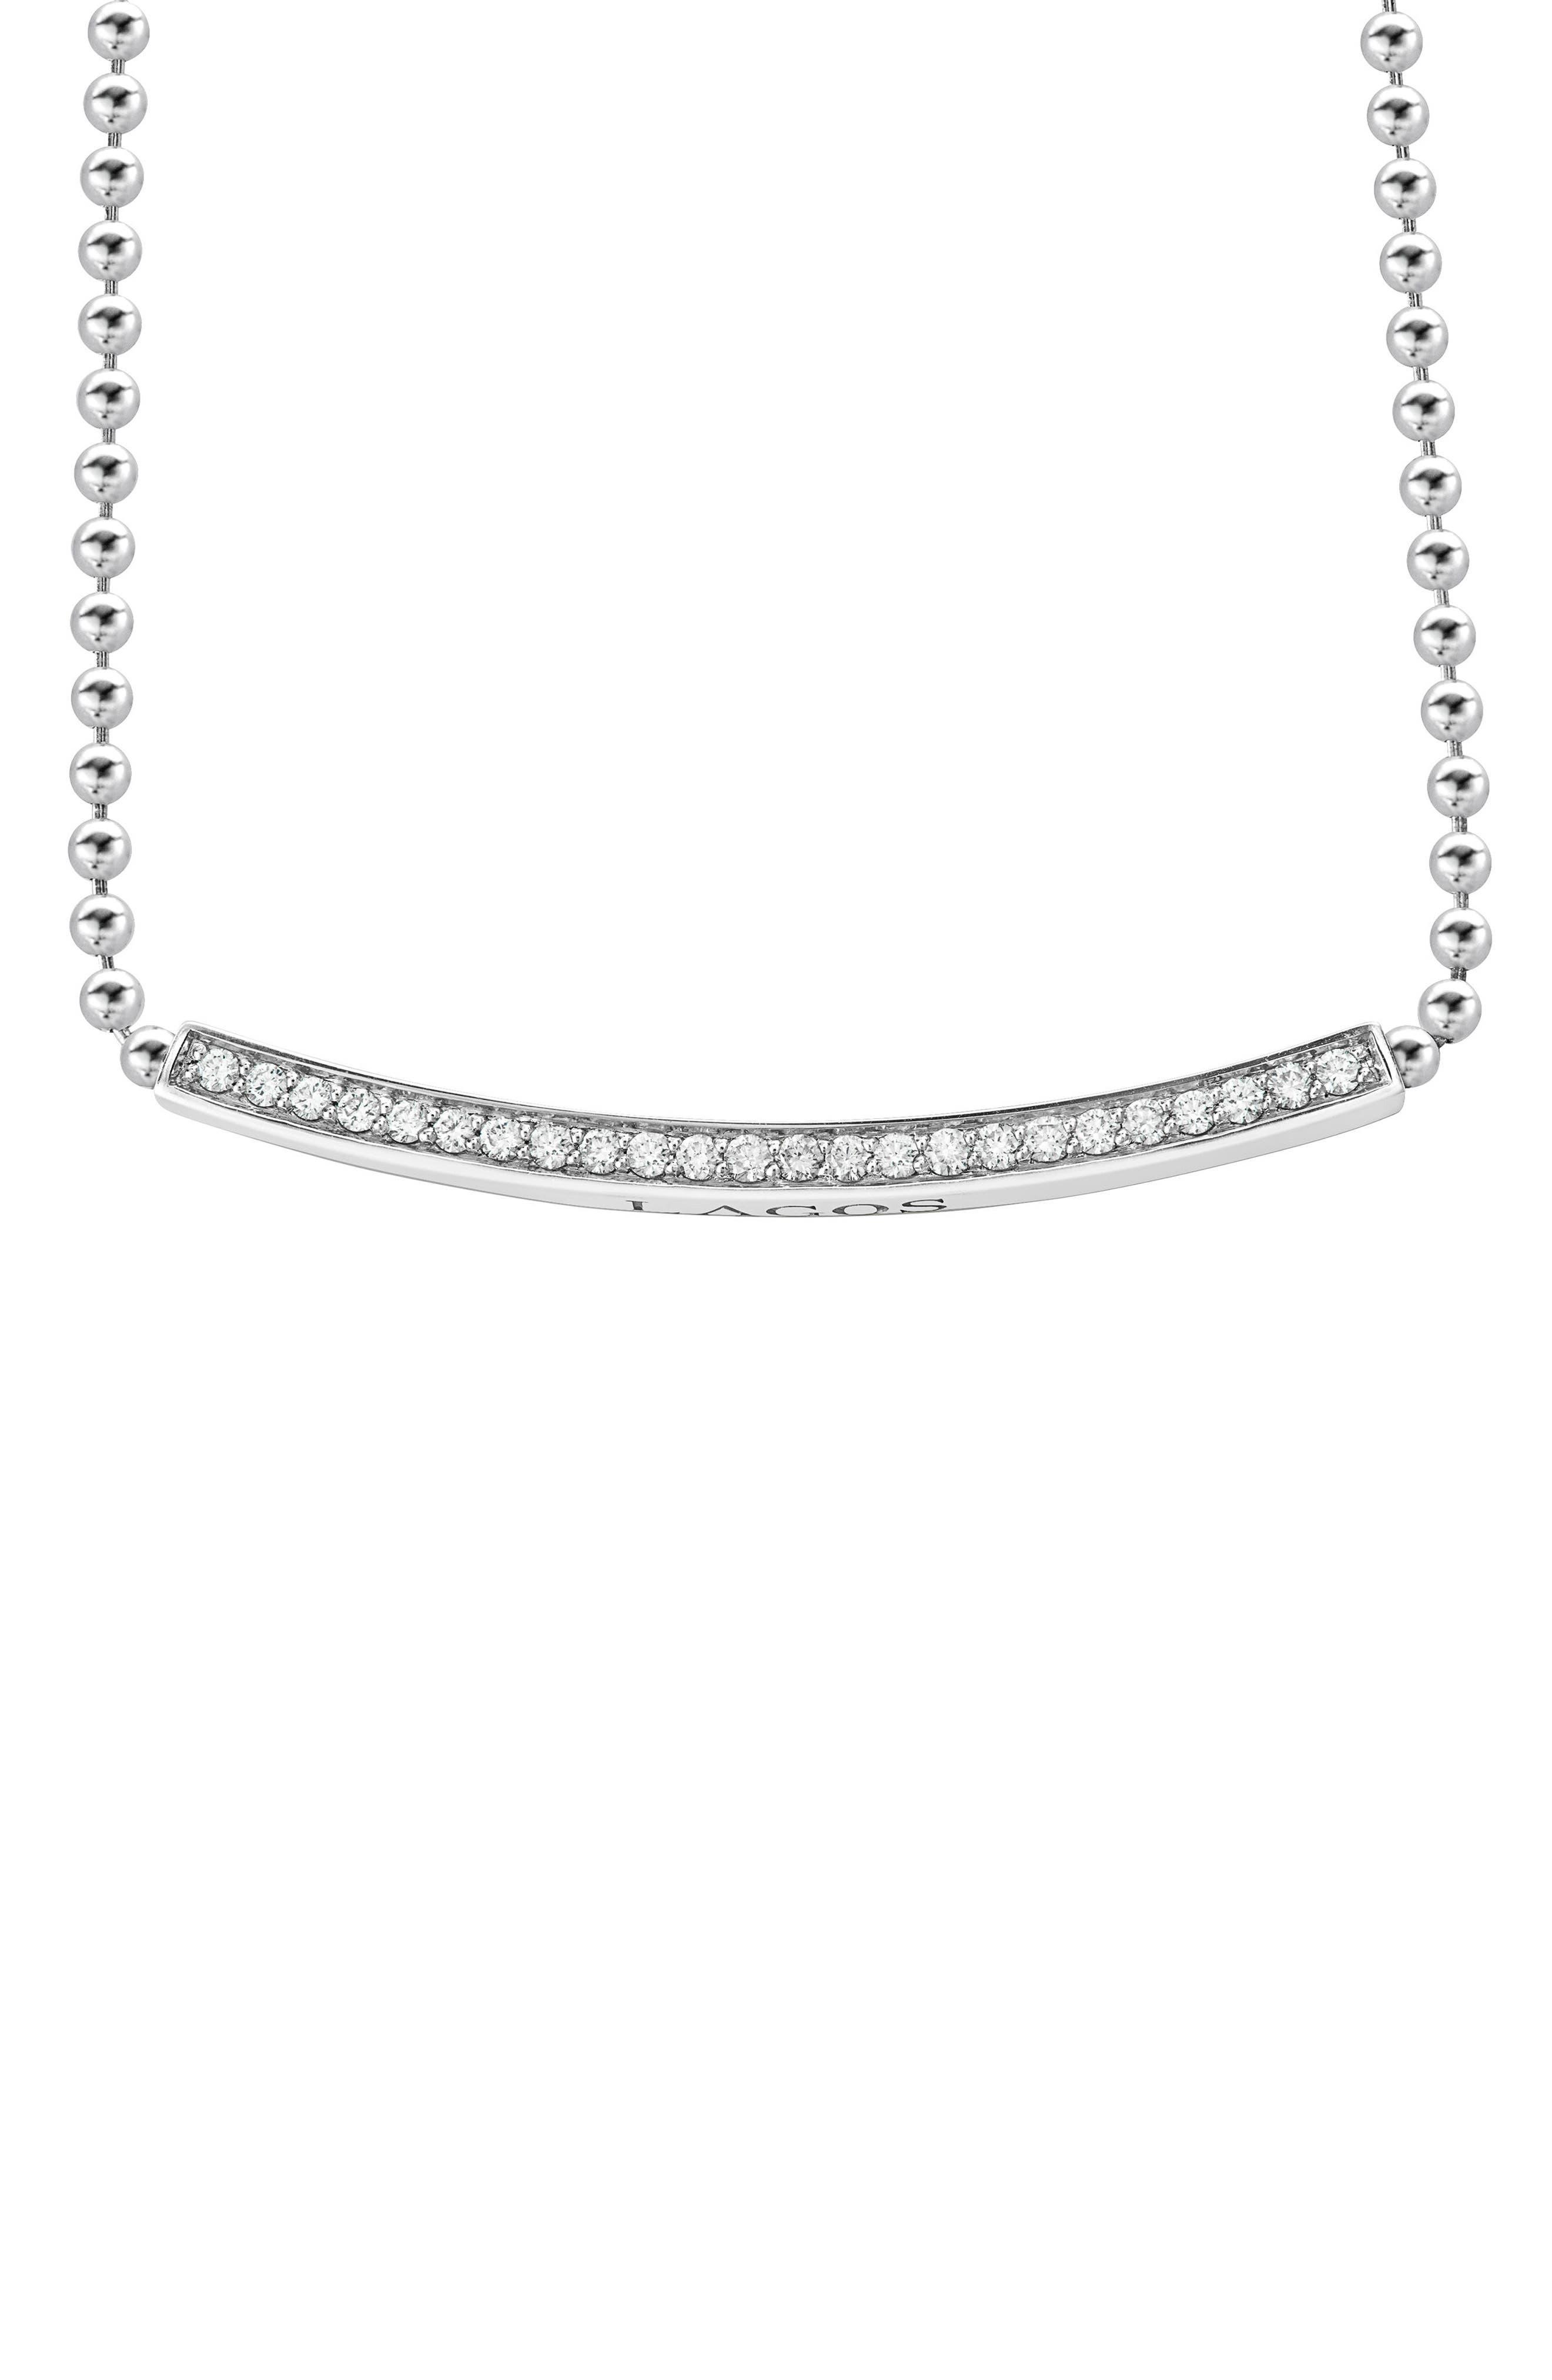 Lagos Caviar Spark Diamond Ball-Chain Bracelet gcKLA